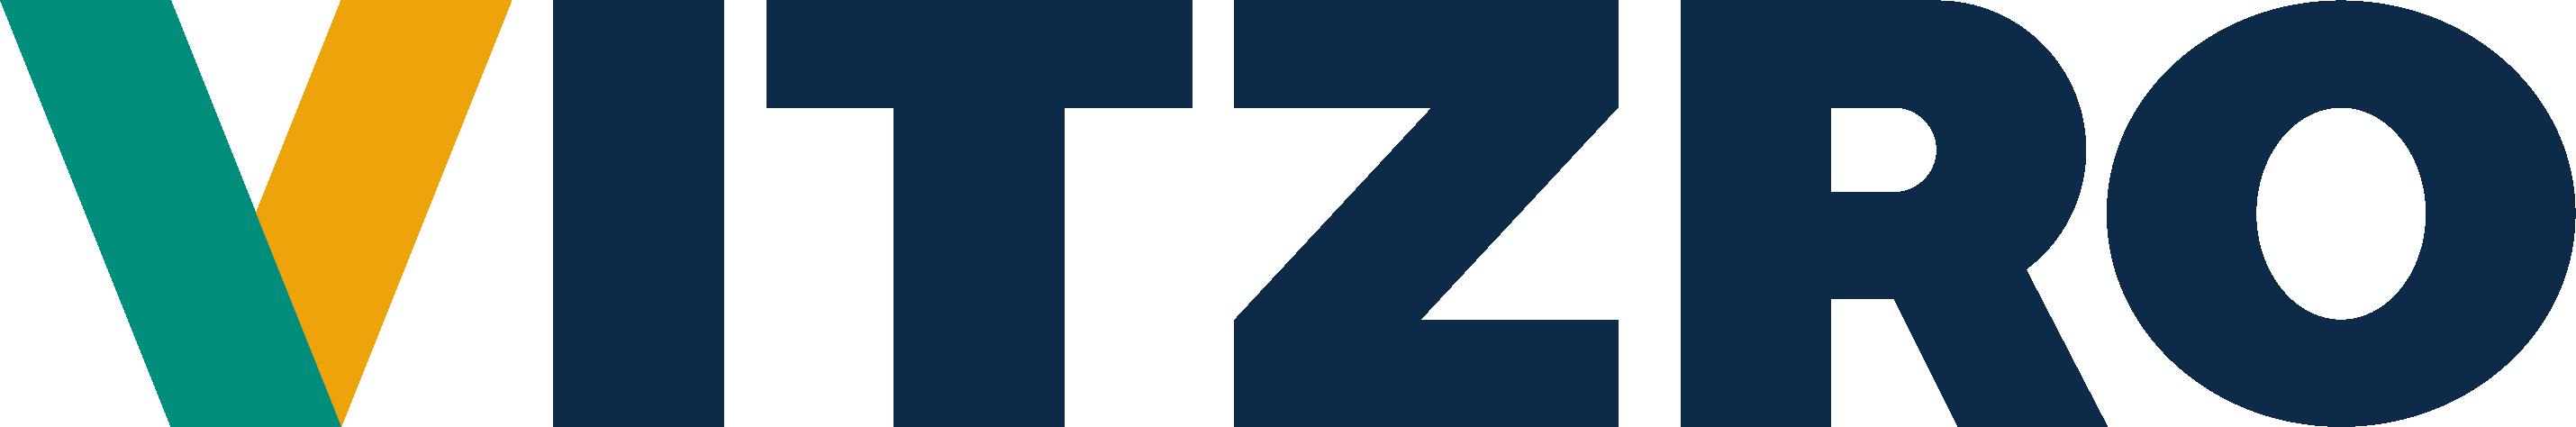 (주)비츠로테크의 기업로고